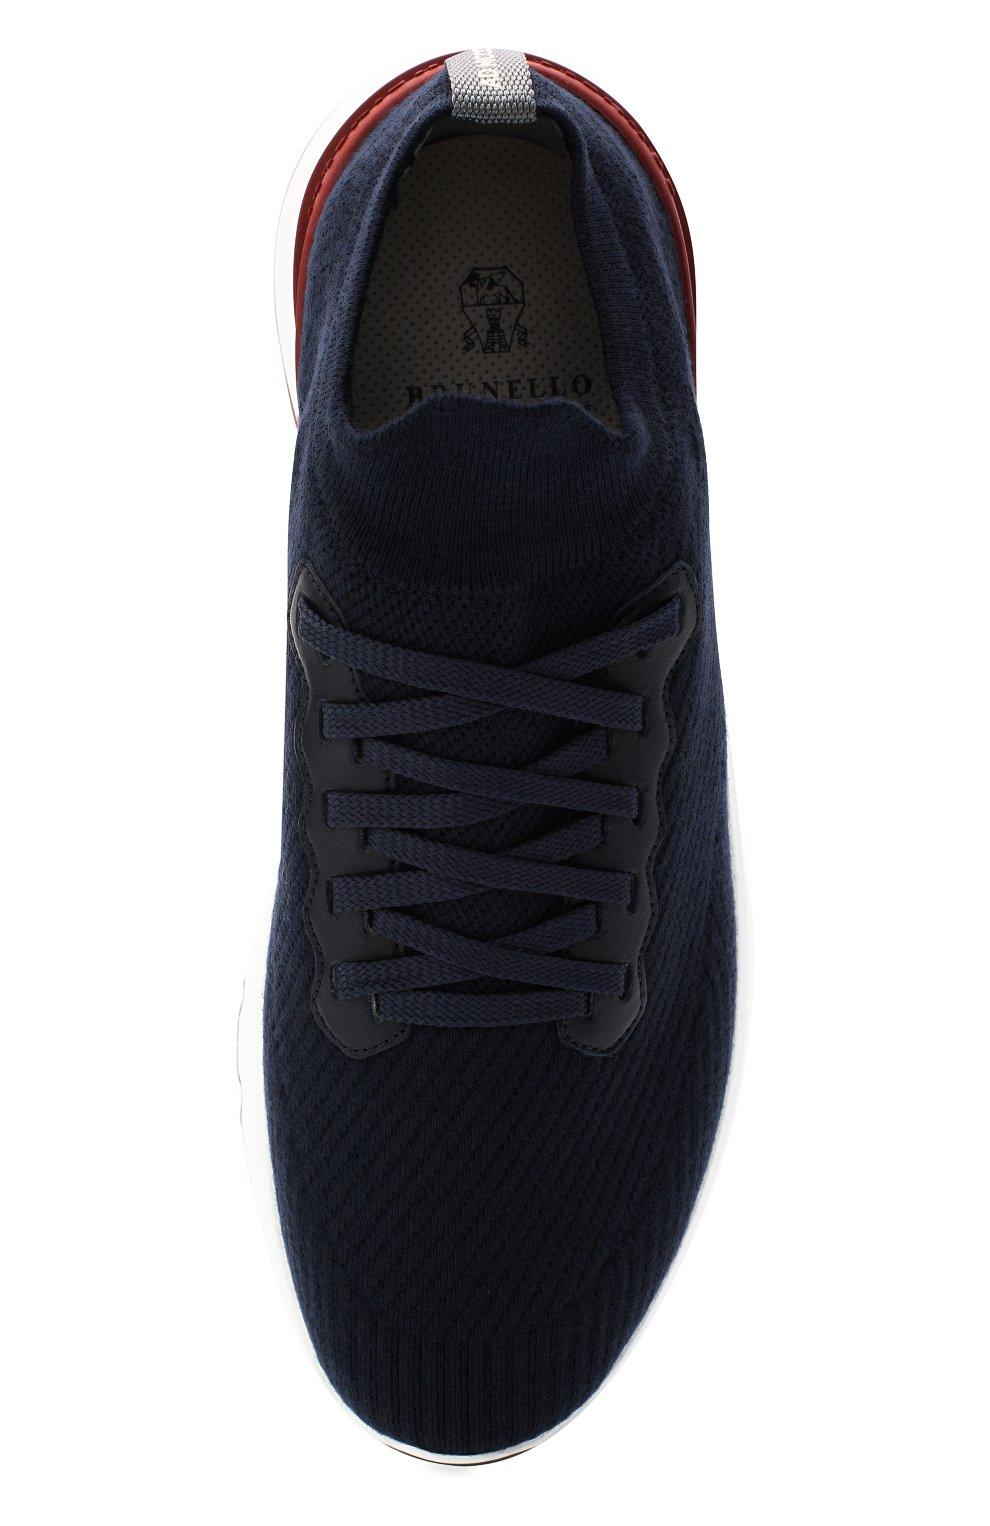 Мужские текстильные кроссовки BRUNELLO CUCINELLI темно-синего цвета, арт. MZUWLB0259   Фото 5 (Материал внешний: Текстиль; Материал внутренний: Натуральная кожа, Текстиль; Подошва: Массивная; Стили: Спорт)